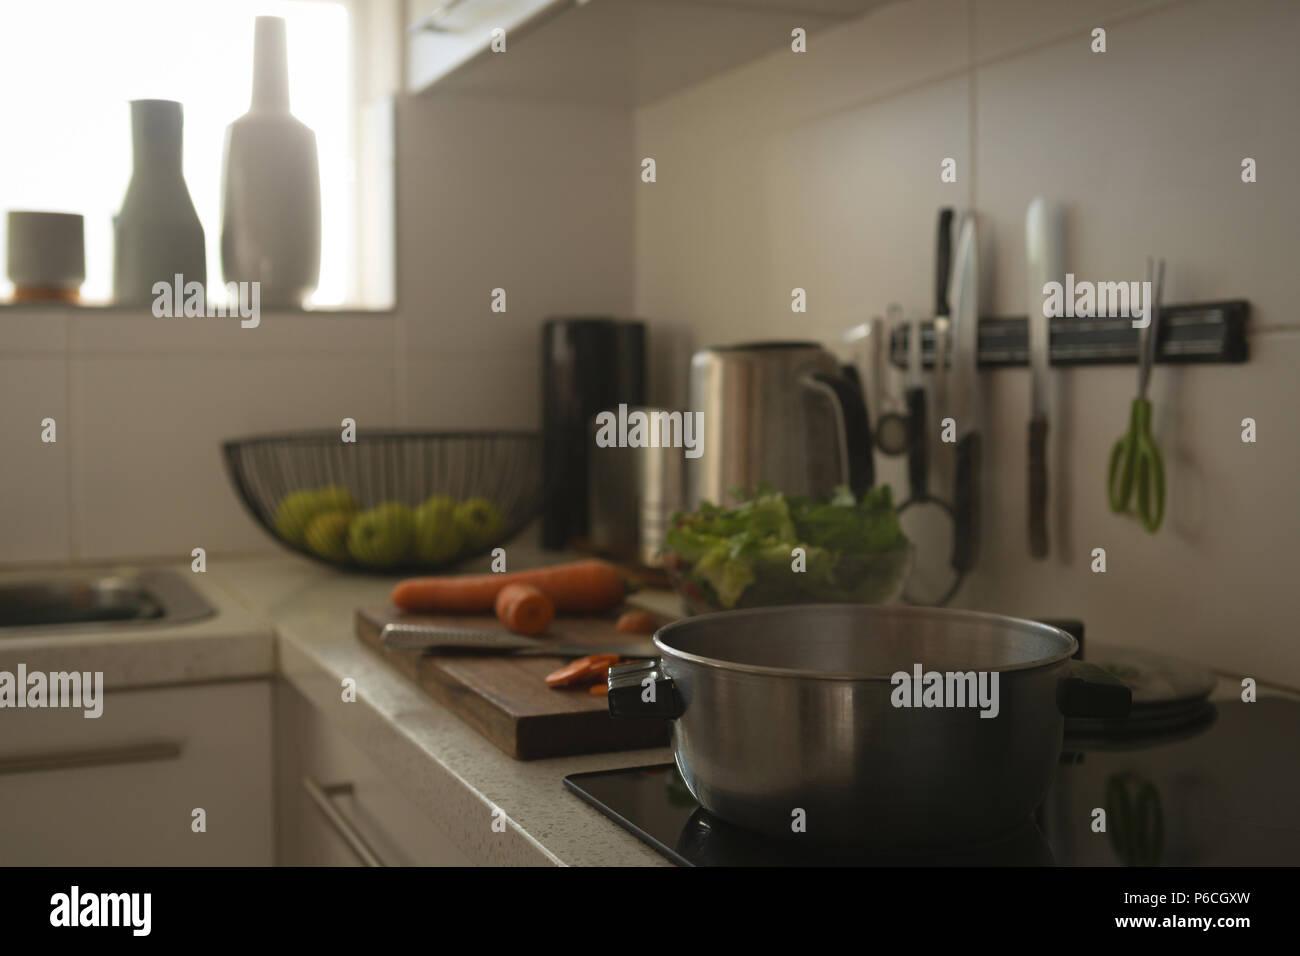 Table de cuisson à induction sur Pan dans la cuisine Banque D'Images